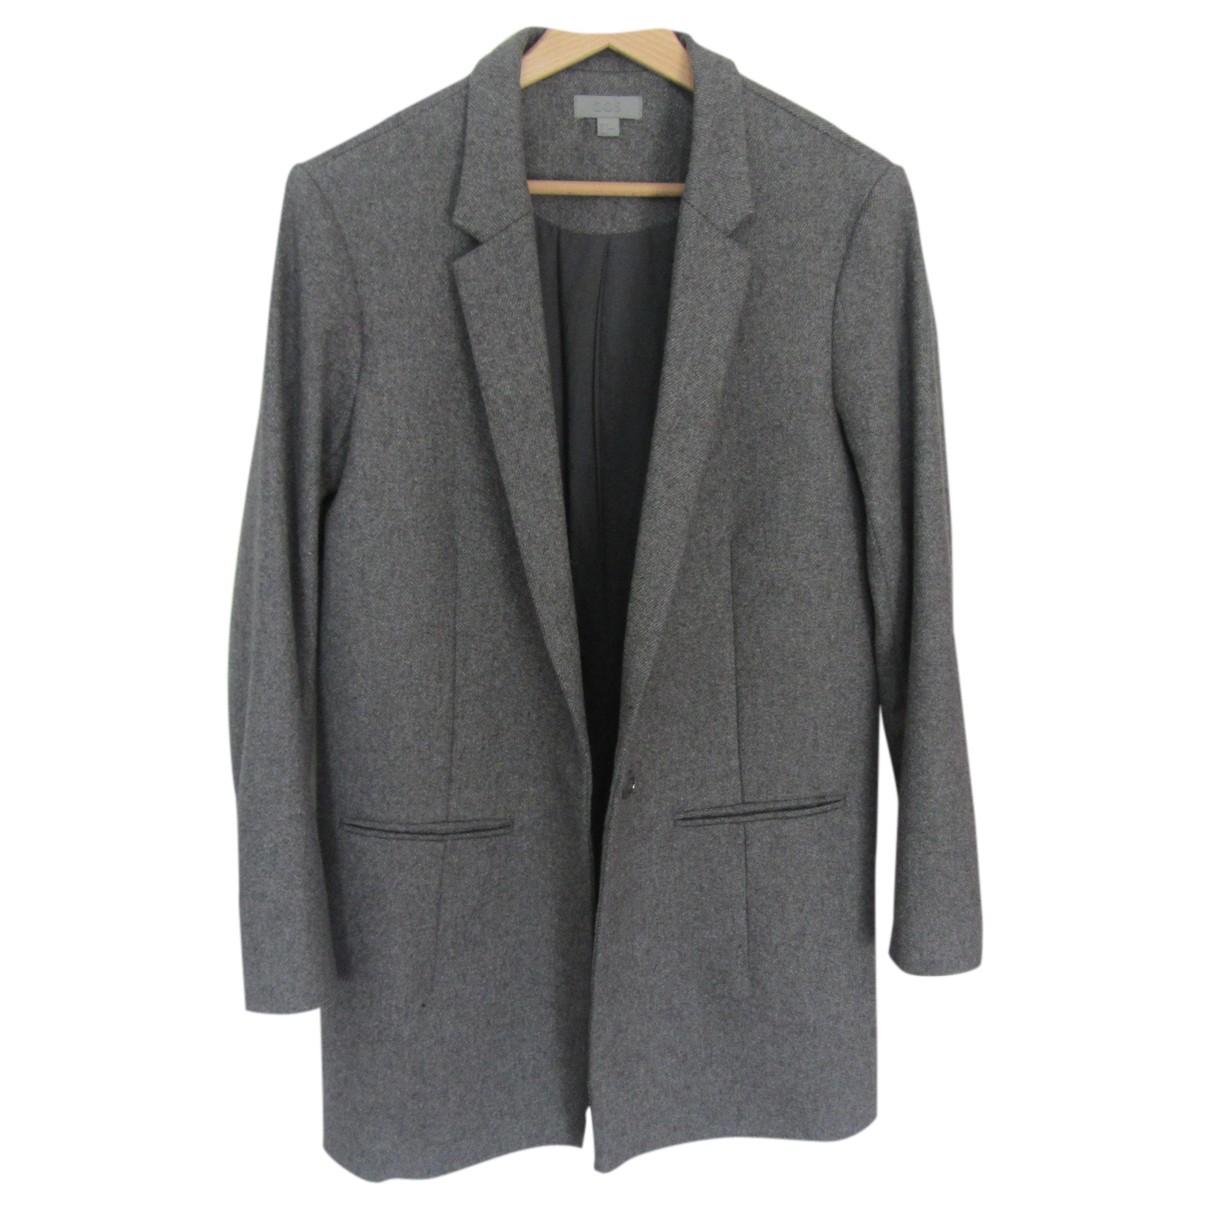 Cos \N Jacke in  Grau Wolle